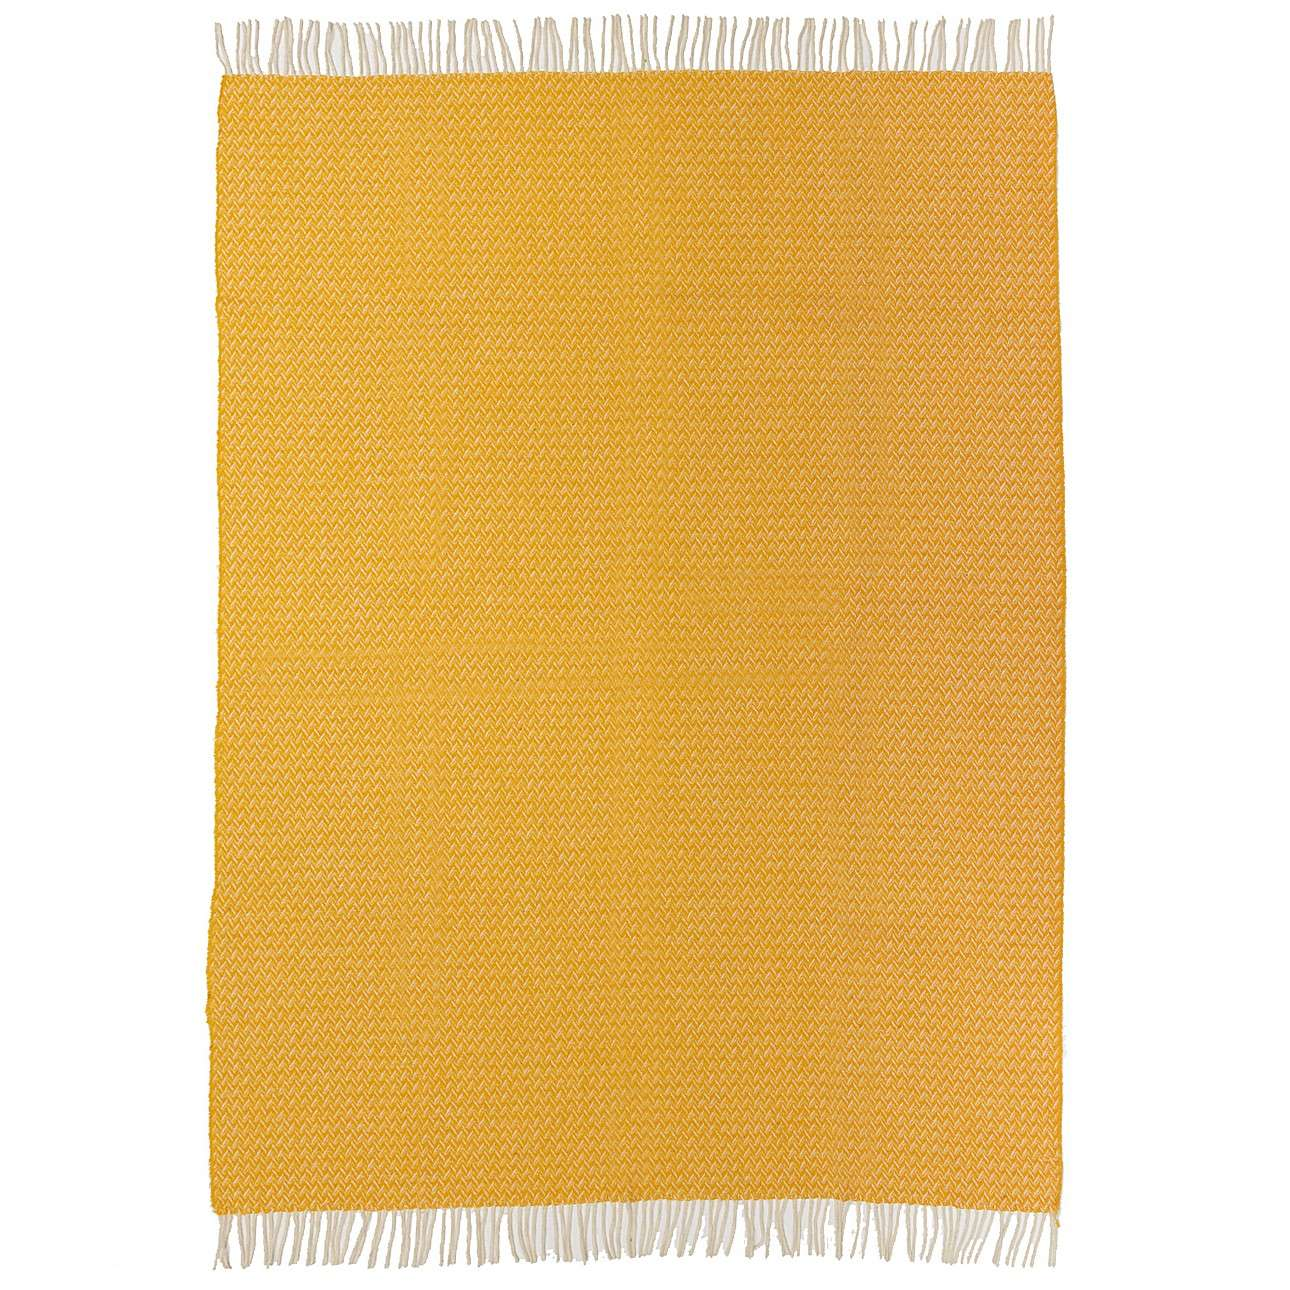 Deka Zelandia 130x190 cm žltá